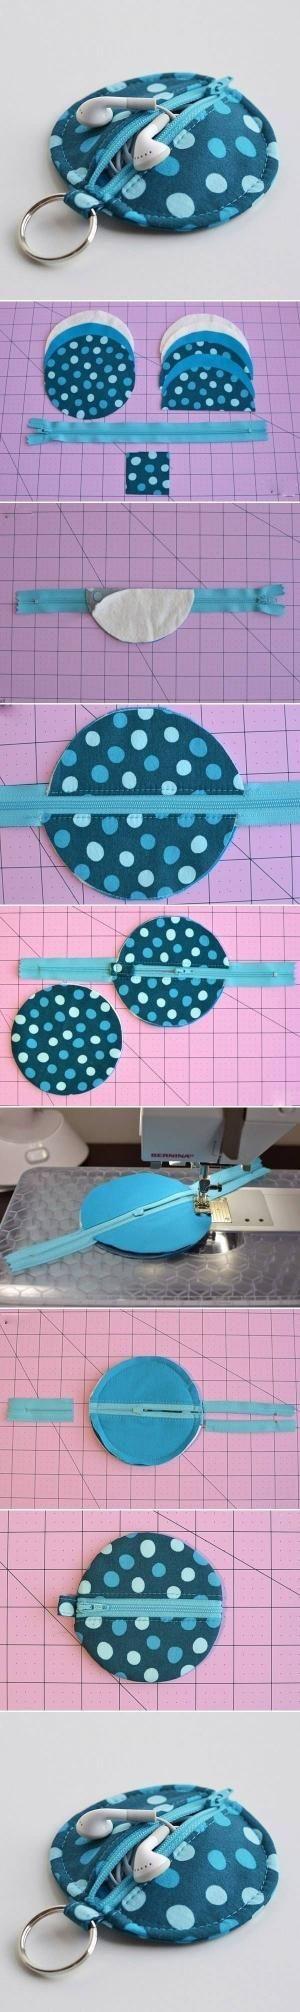 DIY Earphone Case by Krista.S